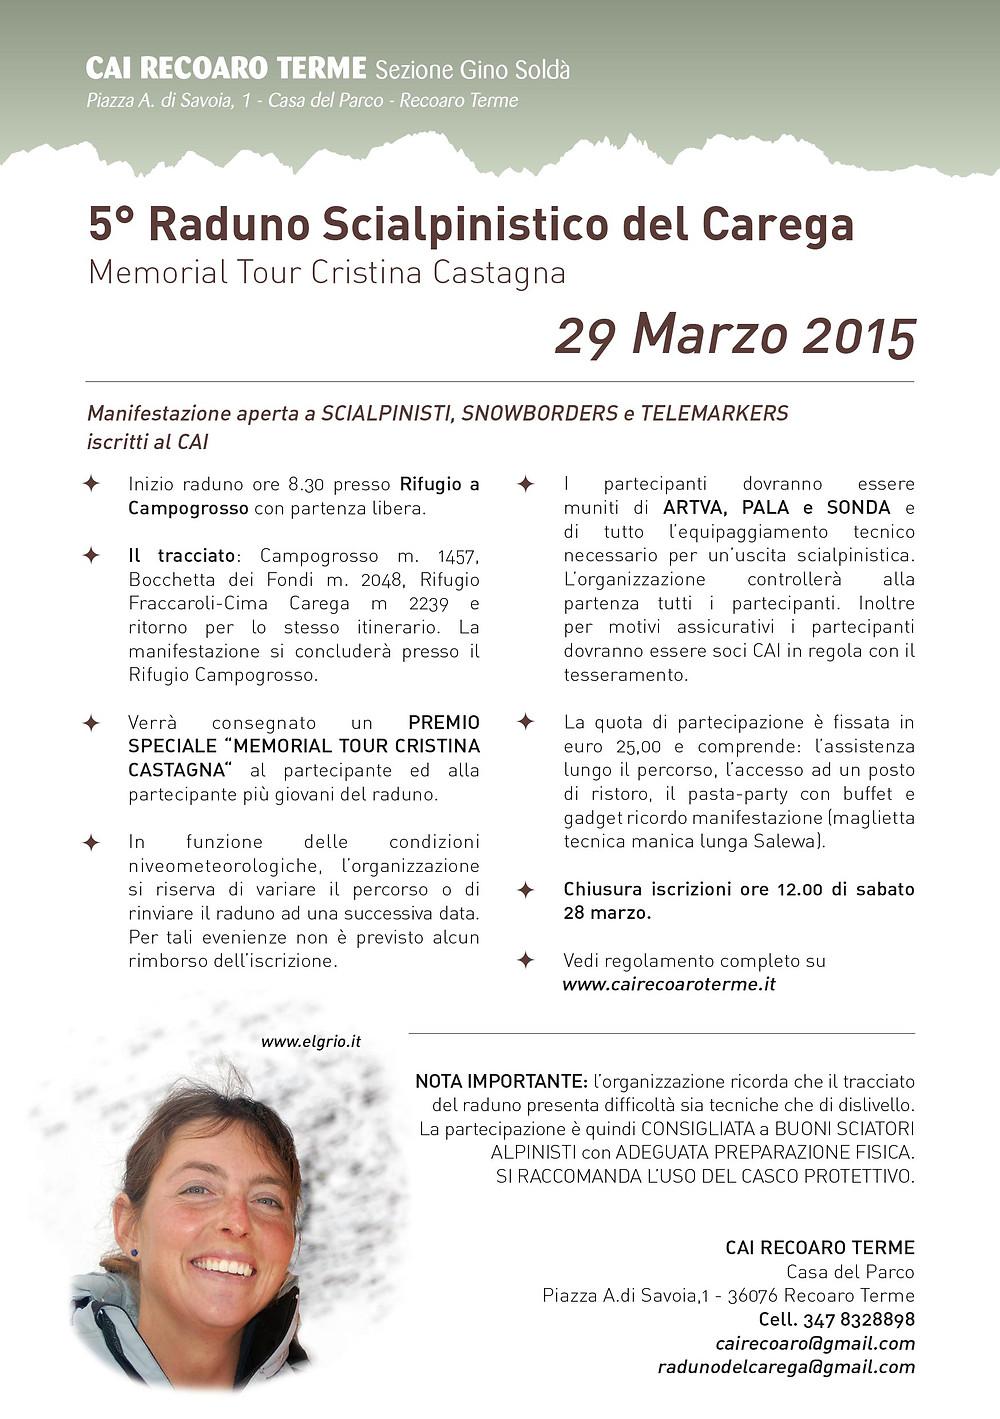 5RadunoElGrio-2.jpg